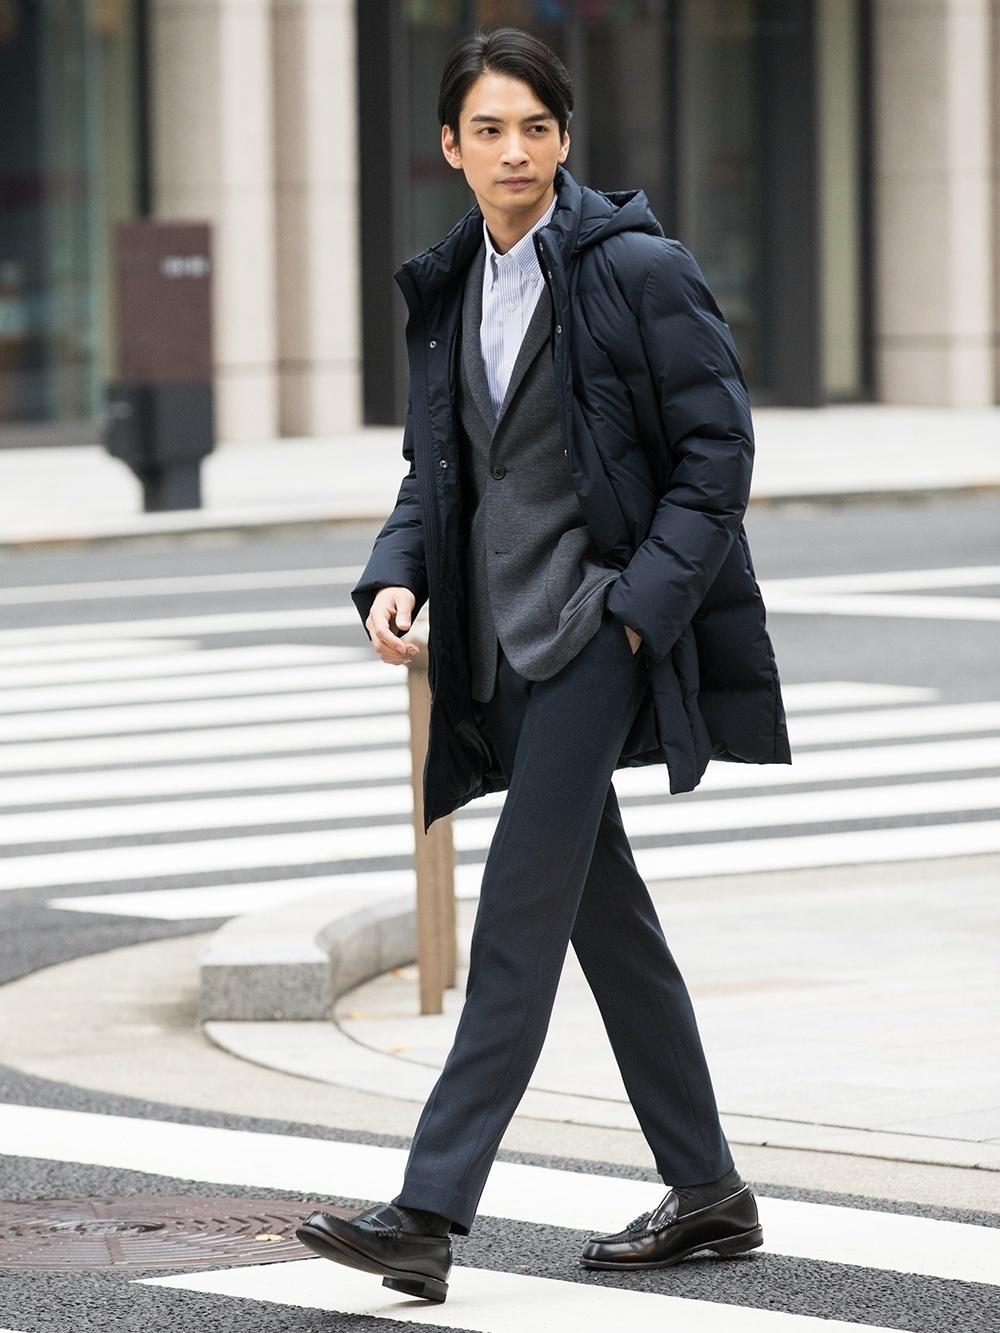 Look alla moda per uomo  Piumino lungo nero, Blazer lavorato a maglia  grigio, Camicia a maniche lunghe a righe verticali bianca, Pantaloni  eleganti grigio ... 8b300d26635